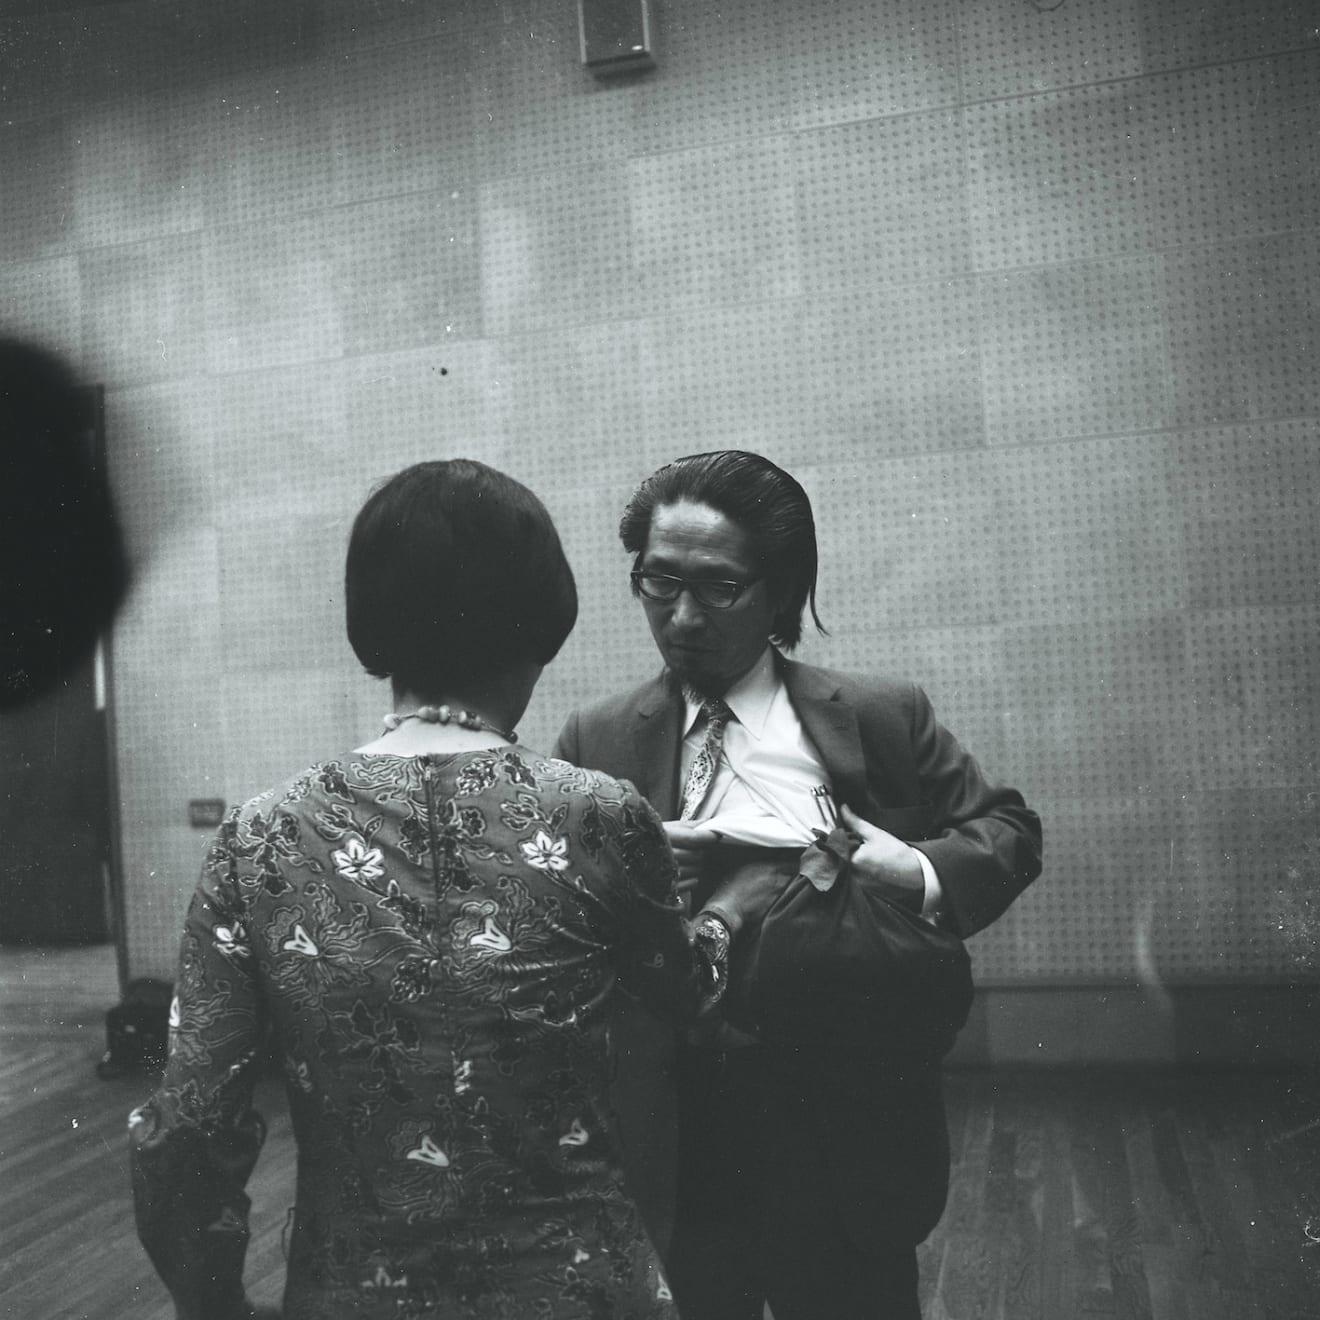 Mitsutoshi Hanaga, Matsuzawa Yutaka Performing 'My Own Death' with Tsujimura Kazuko at 'Tokyo Biennale 1970' at Tokyo Metropolitan Art Museum,...